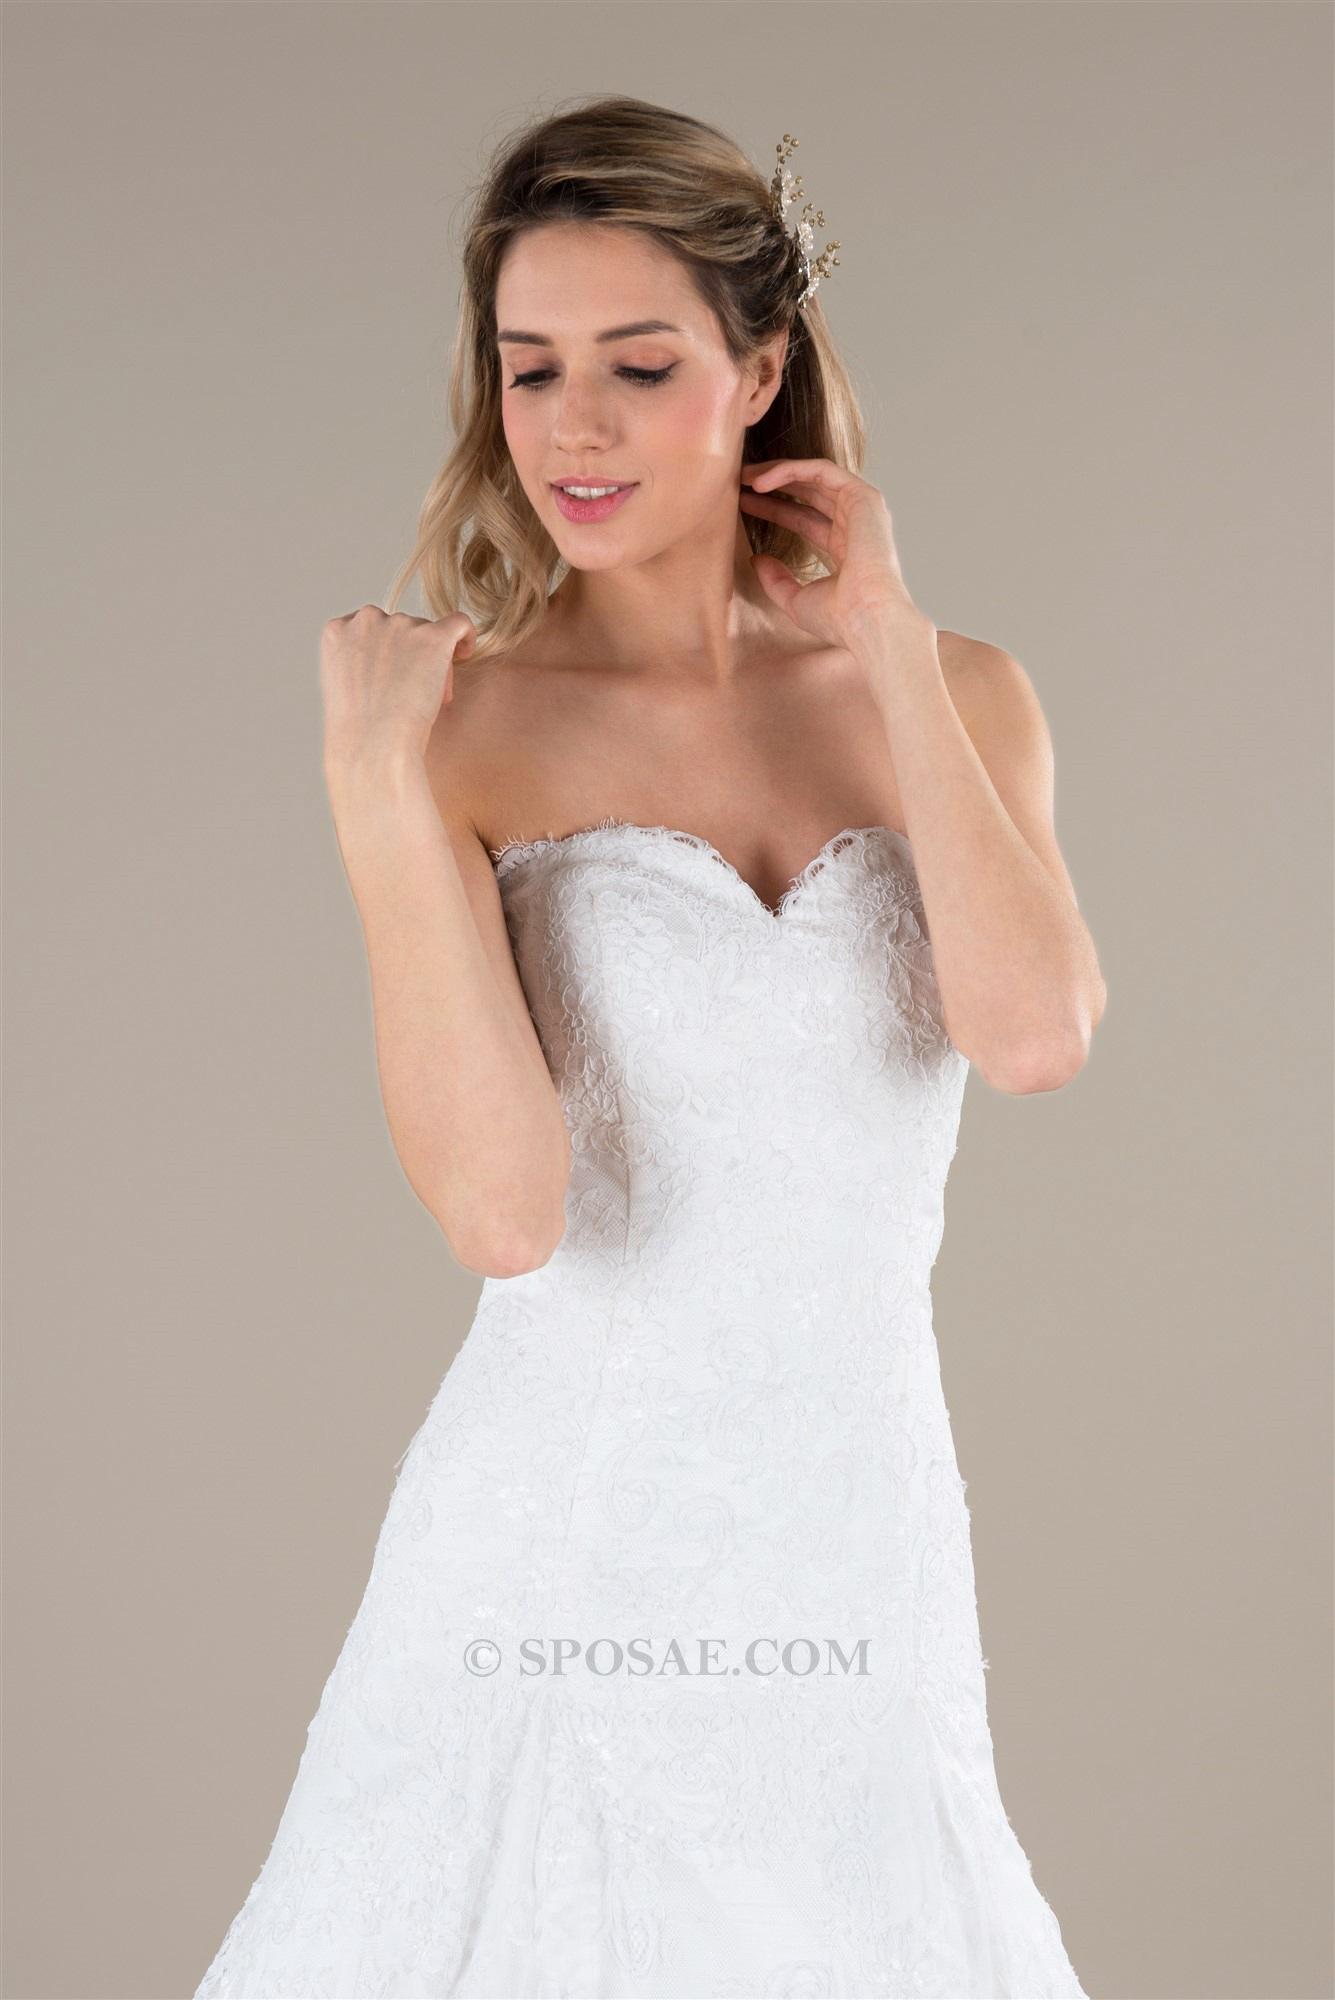 L abito da sposa perfetto deve saper valorizzare al meglio la fisicità di  chi lo indossa. Ad ogni stagione Sposae vi propone nuovi modelli 8e4cc8299a7